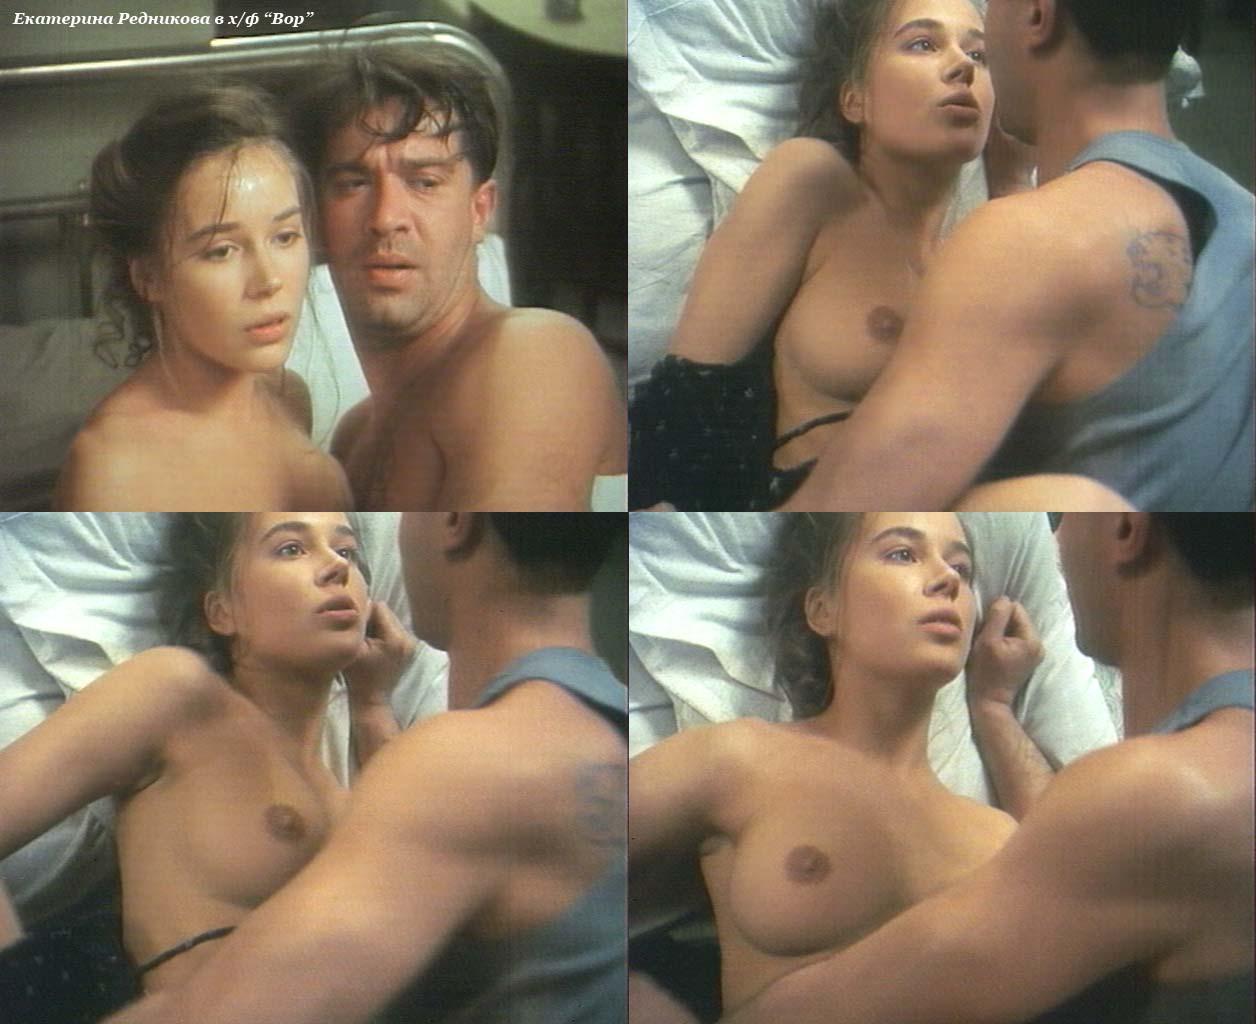 foto-s-erotikoy-epizodi-smotret-fut-fetish-po-skaypu